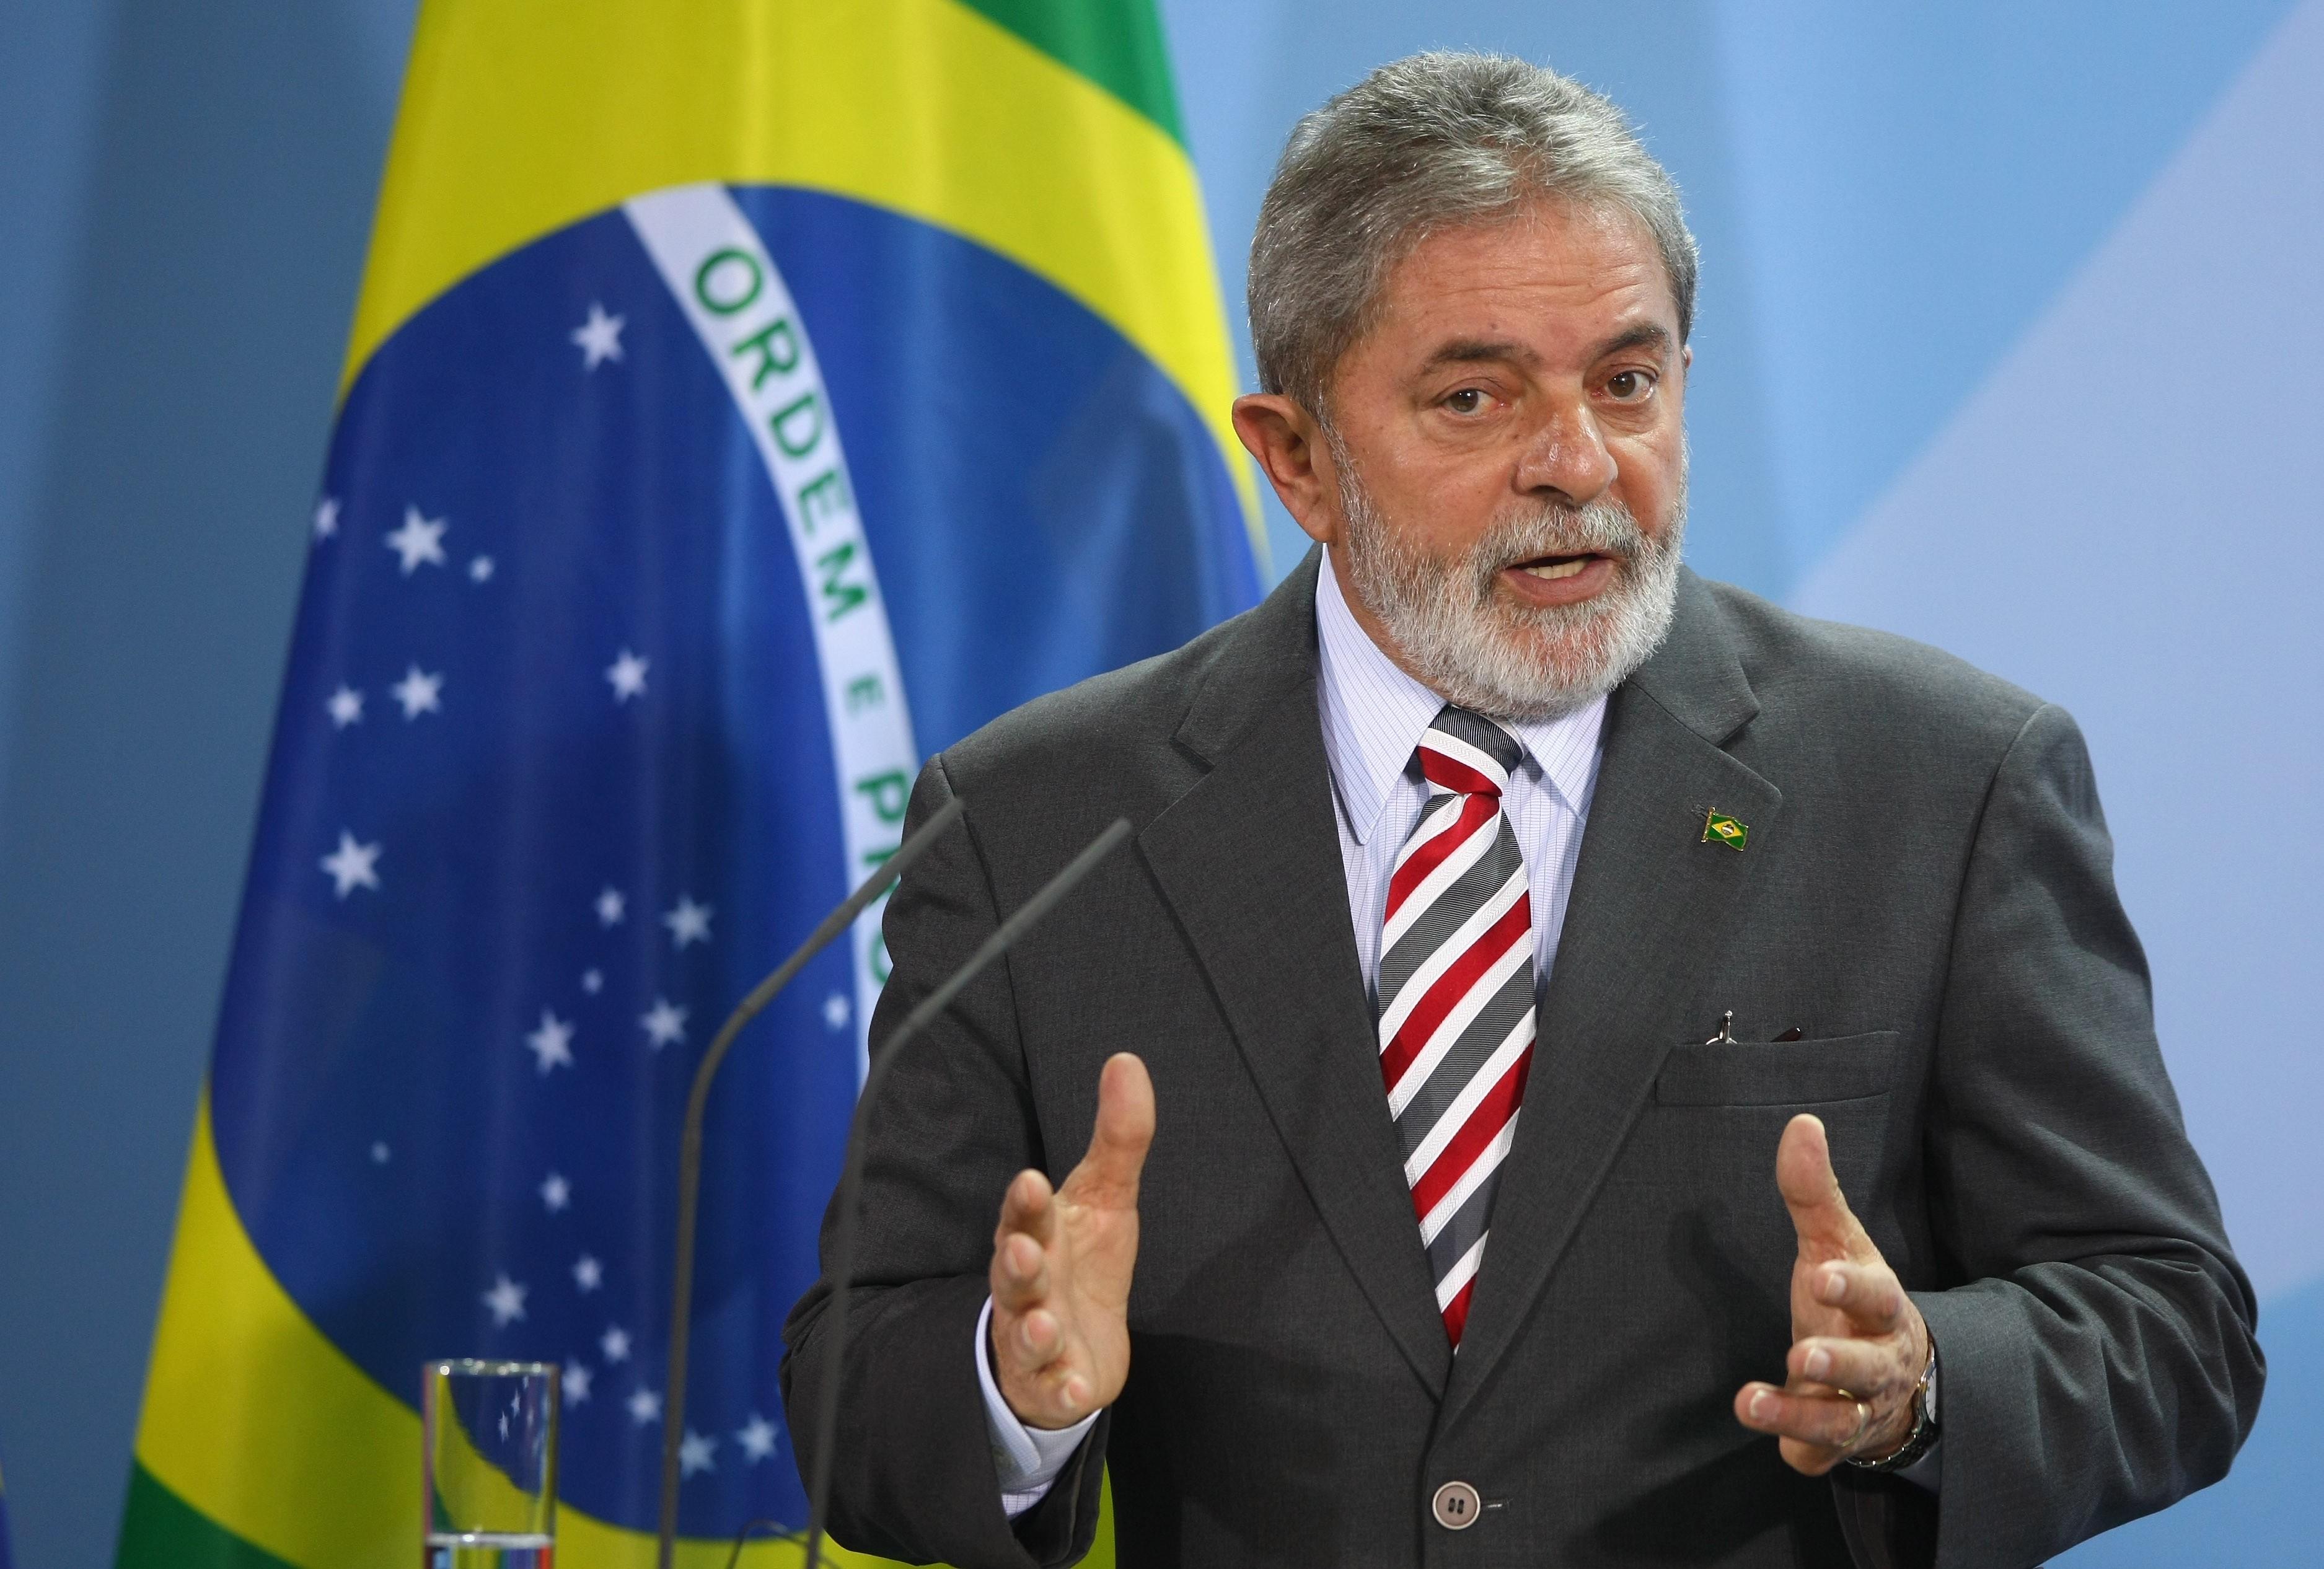 L'ex presidente Lula potrà essere arrestato: il tribunale supremo nega l'habeas corpus